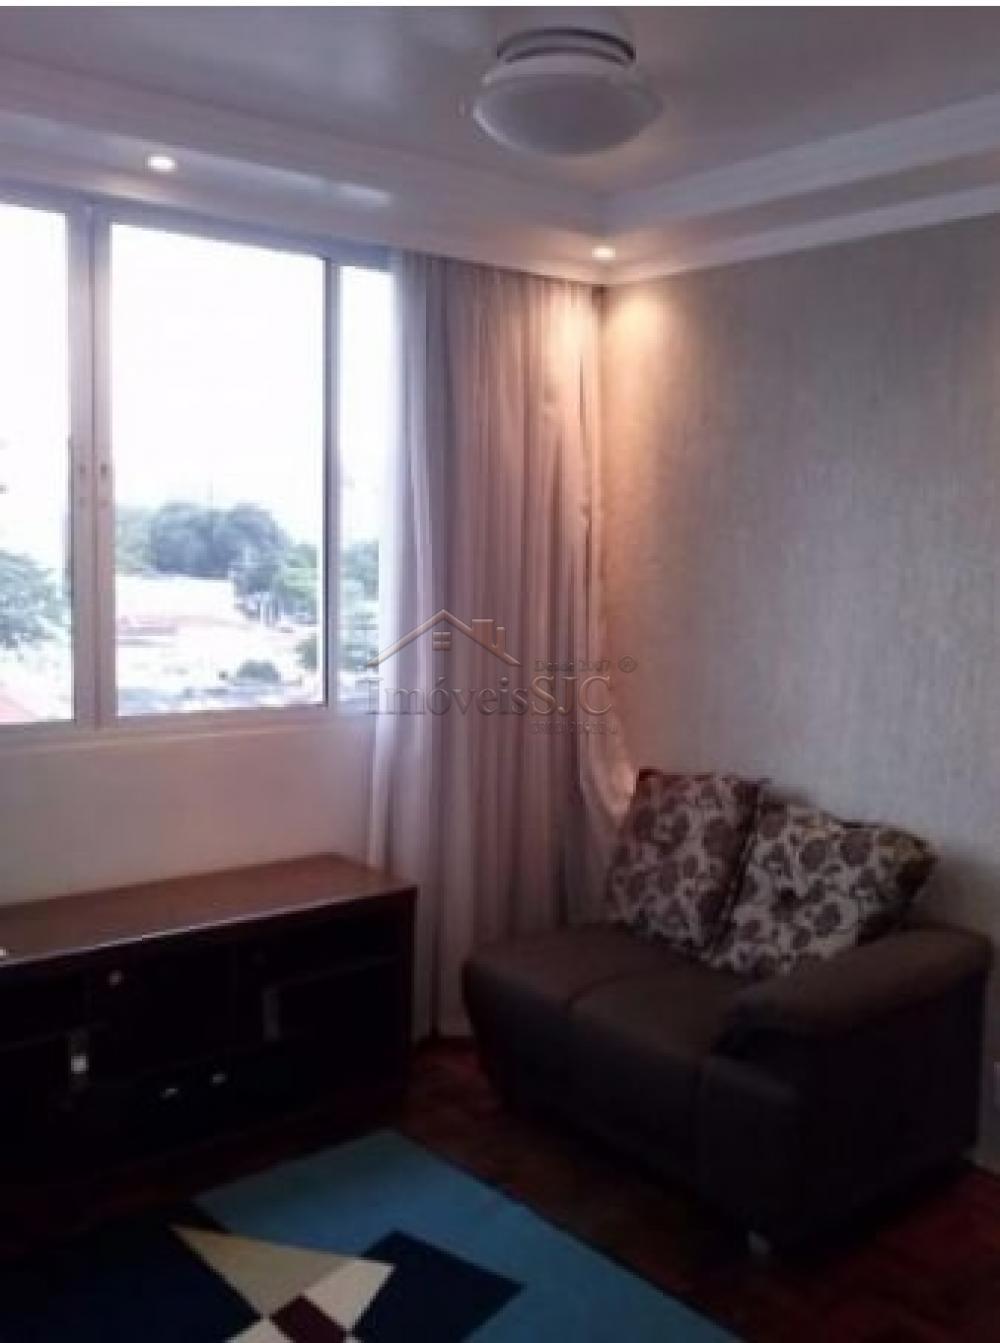 Comprar Apartamentos / Padrão em São José dos Campos apenas R$ 190.000,00 - Foto 2